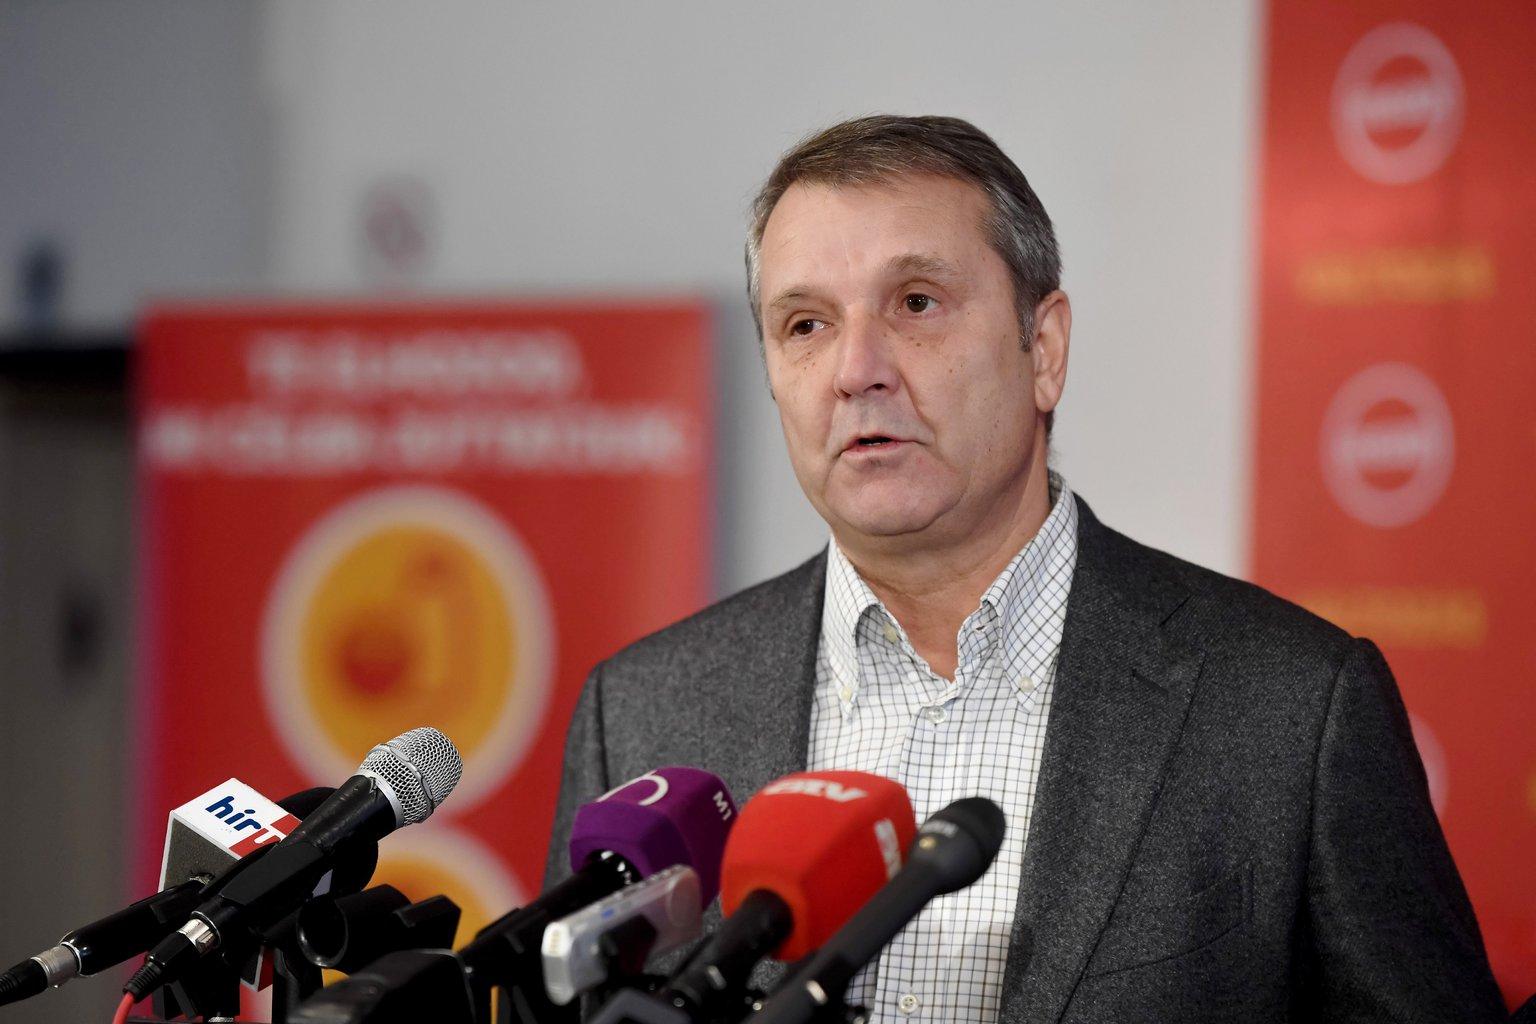 Molnár Gyula, az MSZP elnöke. MTI Fotó: Koszticsák Szilárd